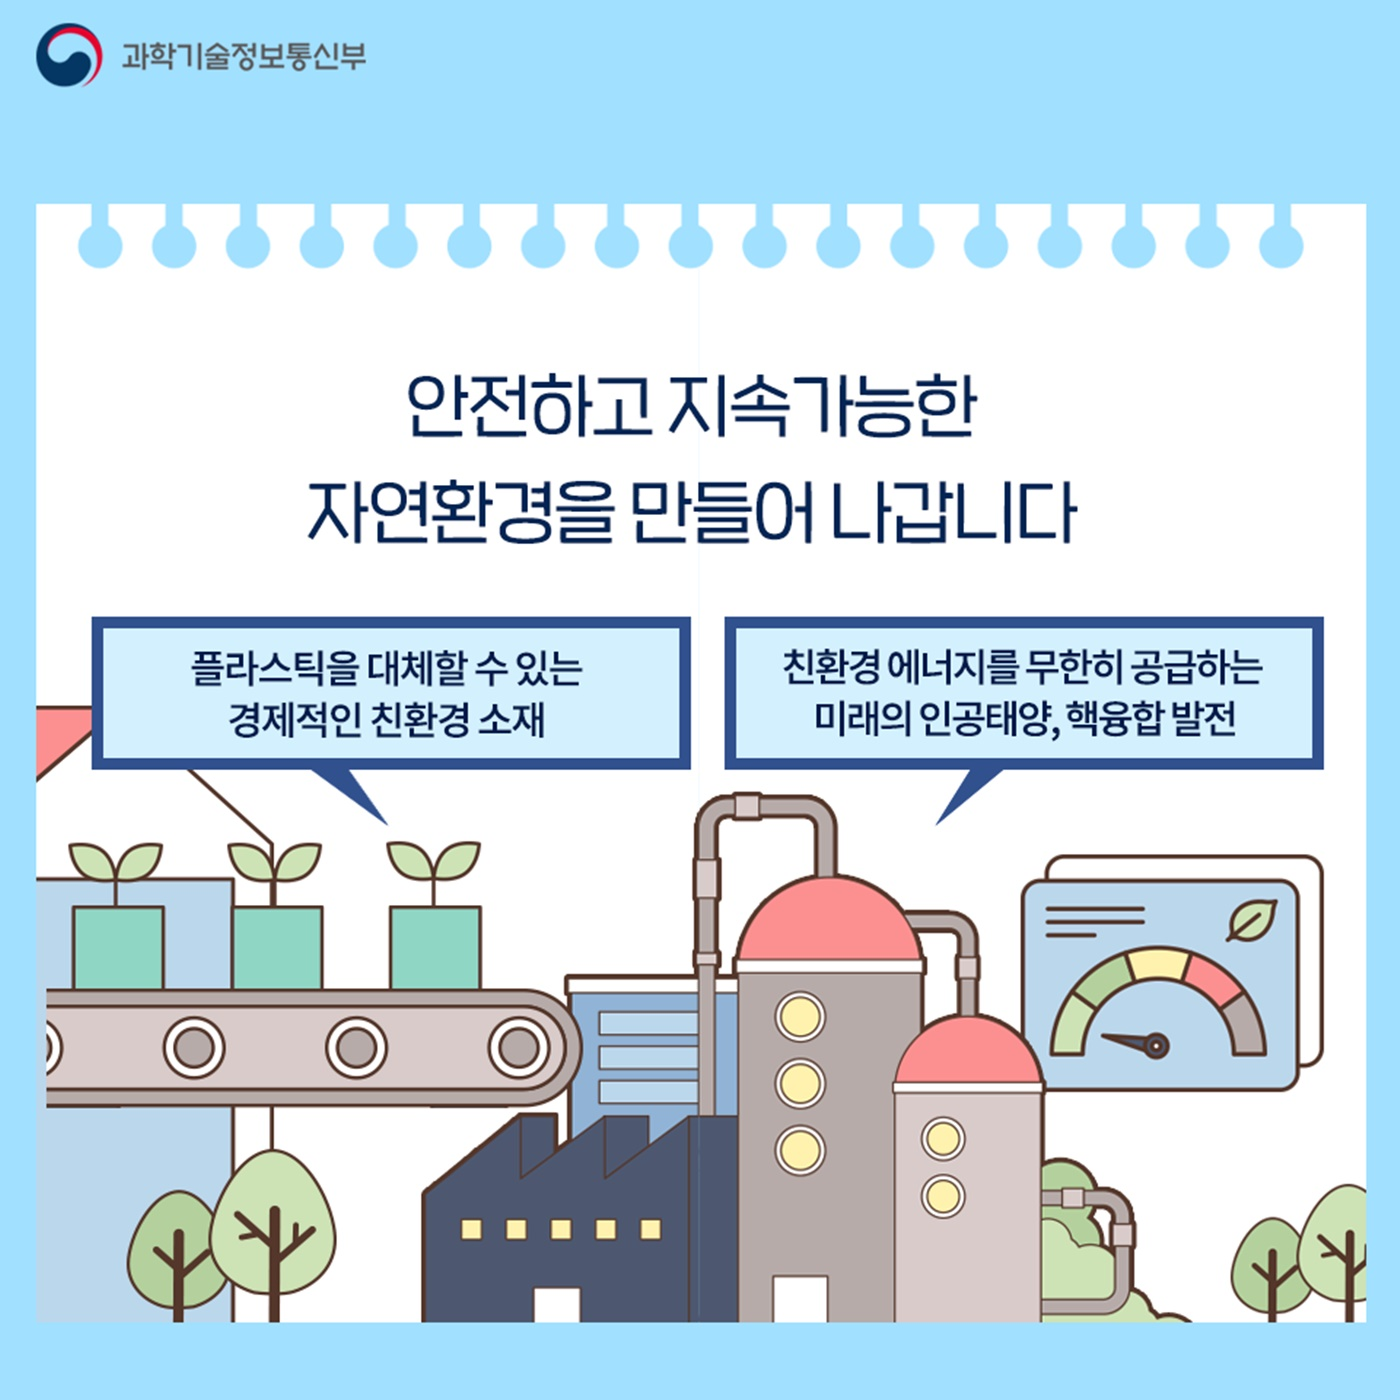 2045 원하는 미래를 그리고 과학기술로 실현하는 대한민국